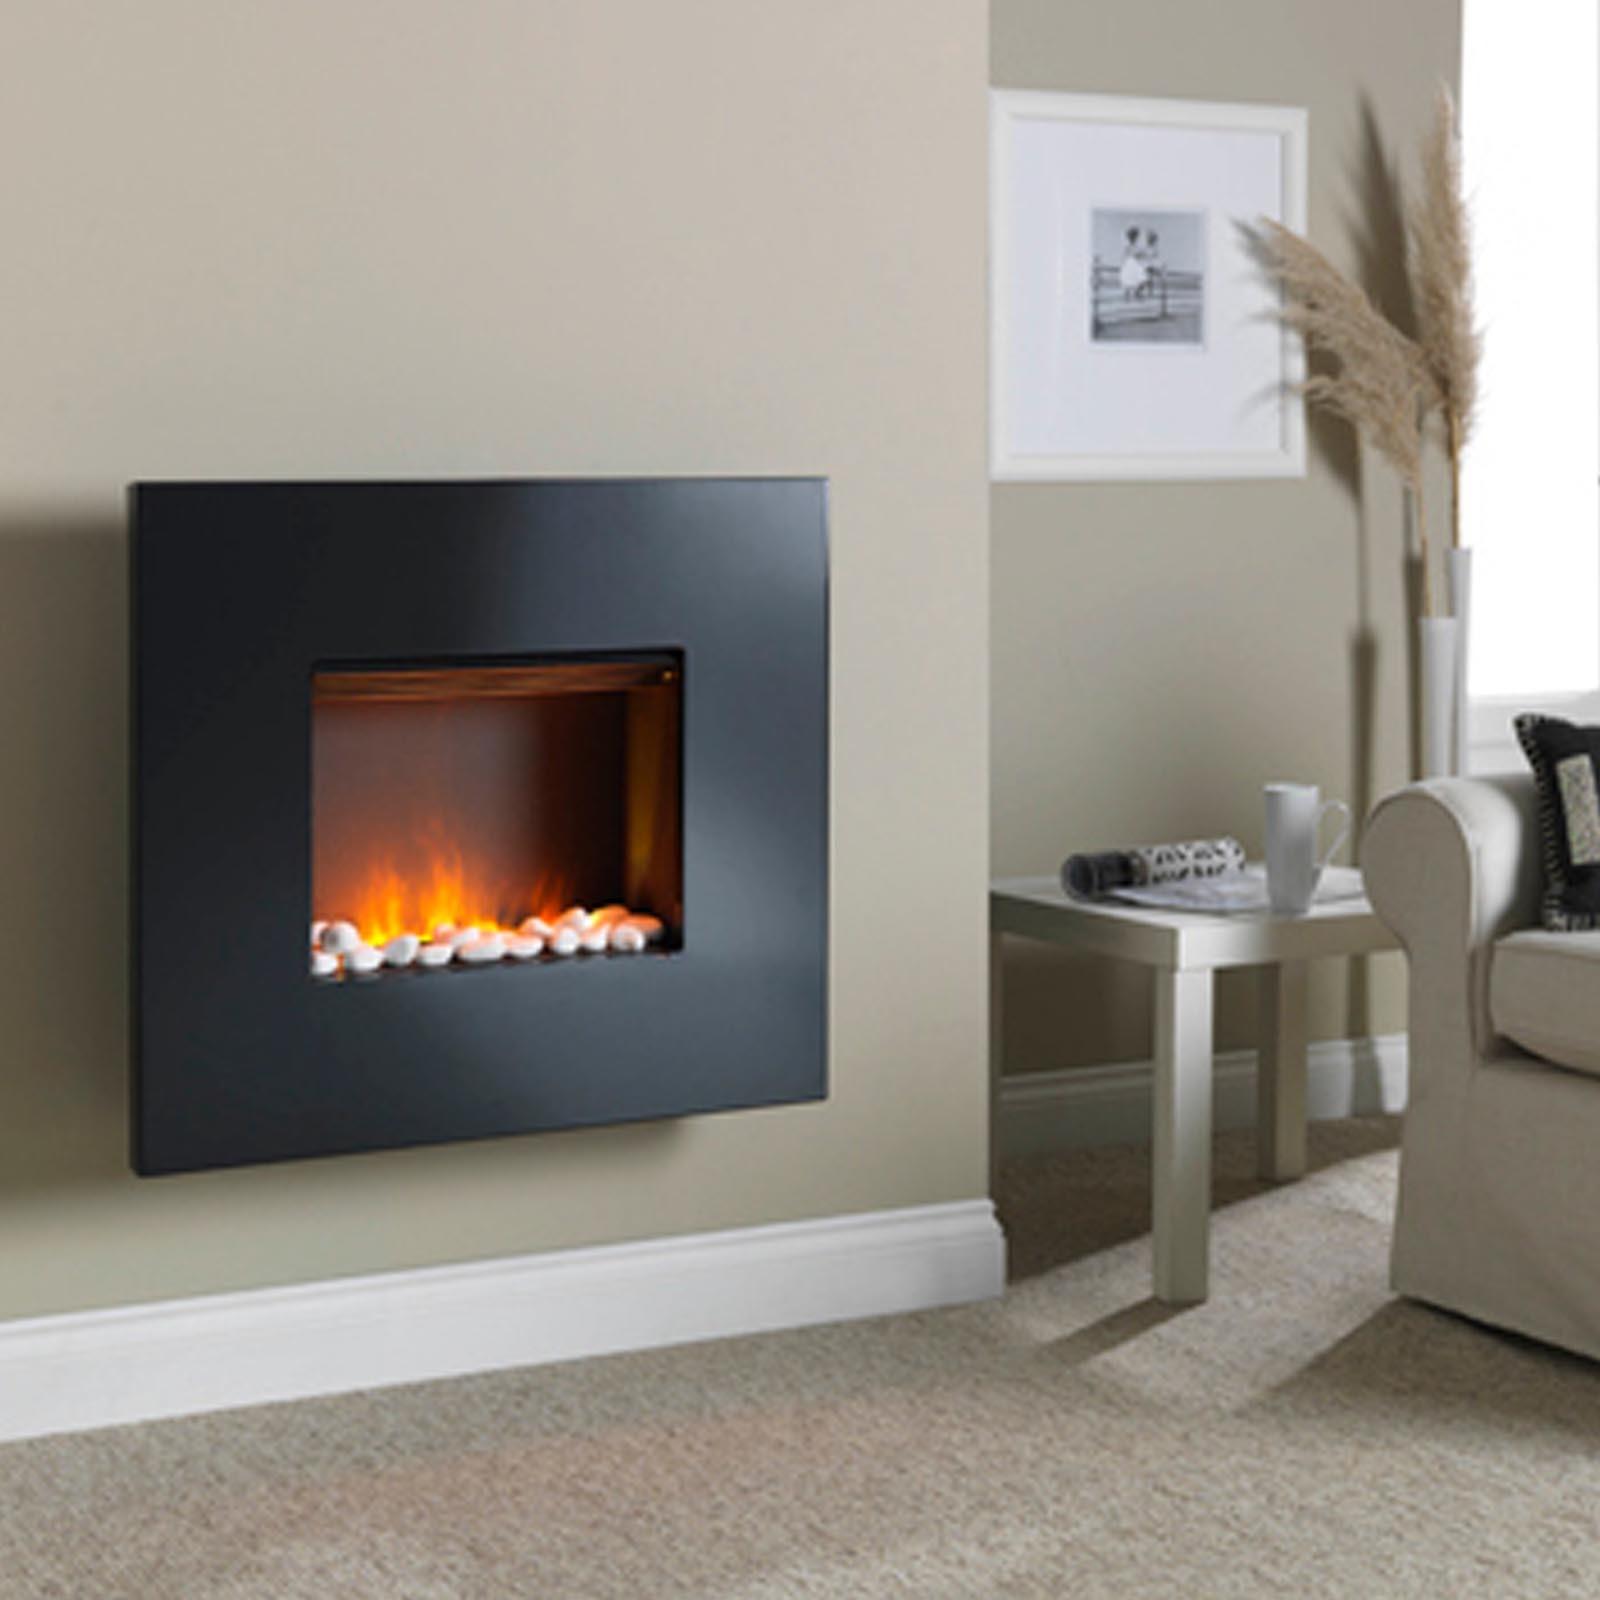 new mystr deals myst dimplex chrome money coal opti electric danville fireplace saving unique fire best